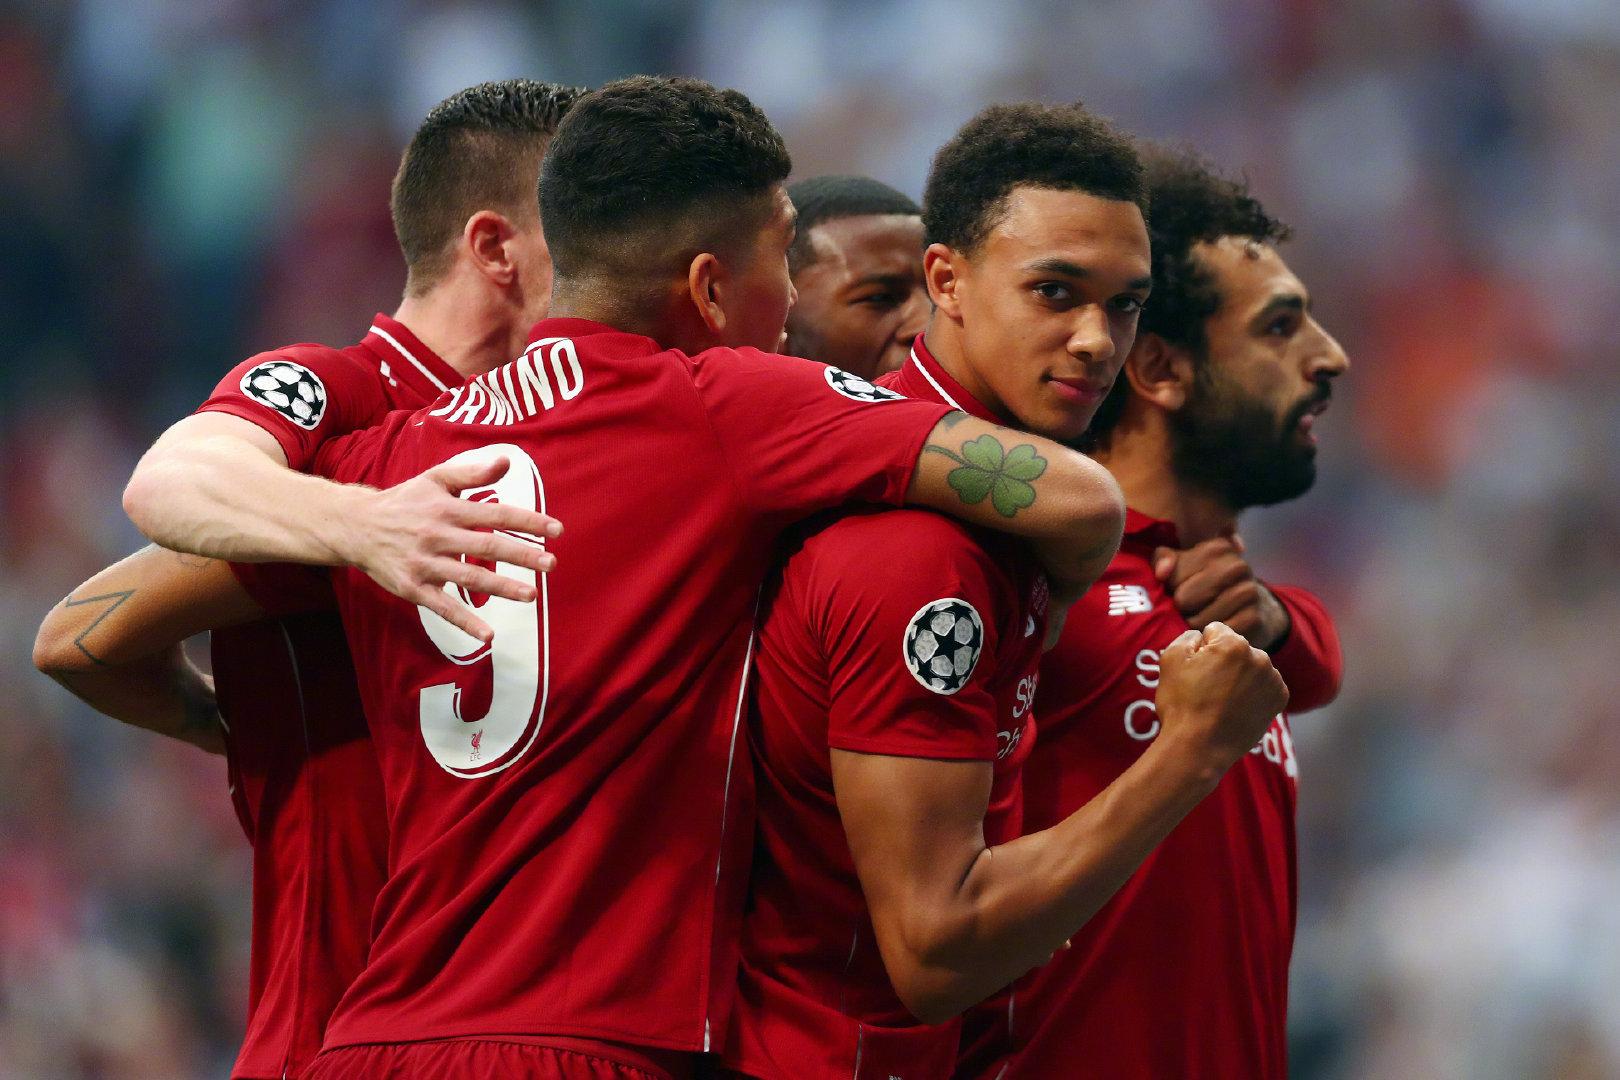 詹俊:热刺紧张了点,利物浦踢得更从容,点赞马内